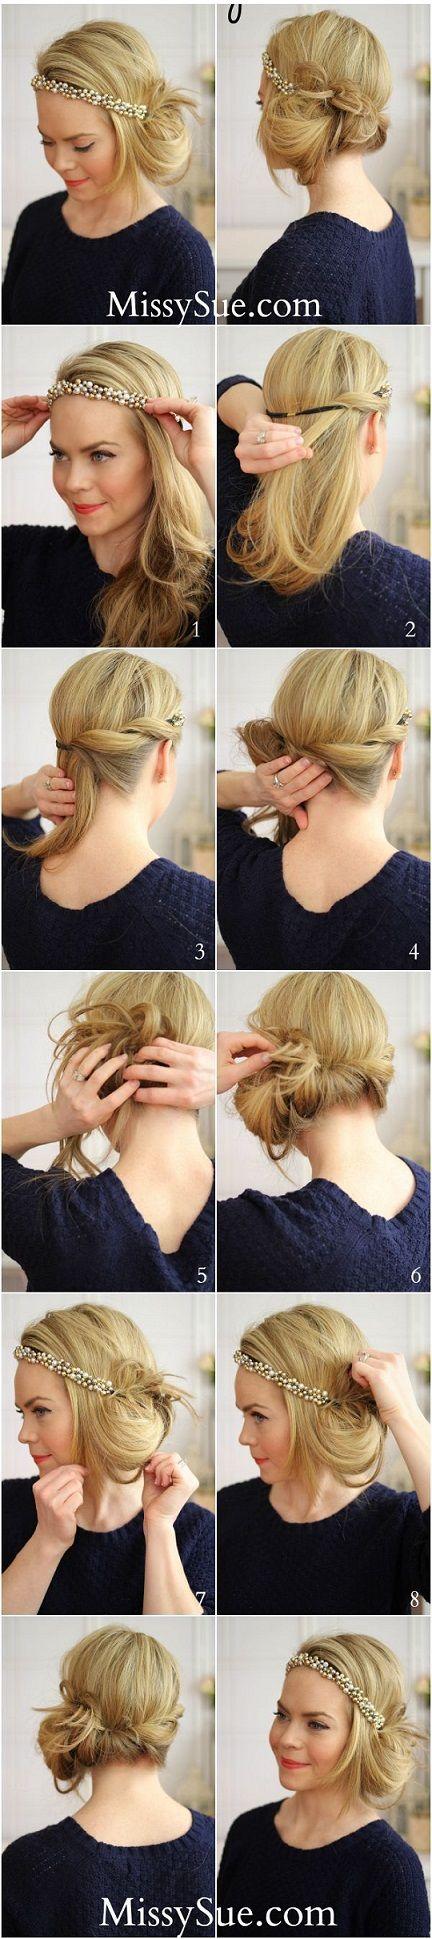 Tuto coiffure comment faire chignon années 20 style Gatsby le magnifique, se coiffer avec chignon bas et mèche de cheveux crantée cheveux courts et longs.